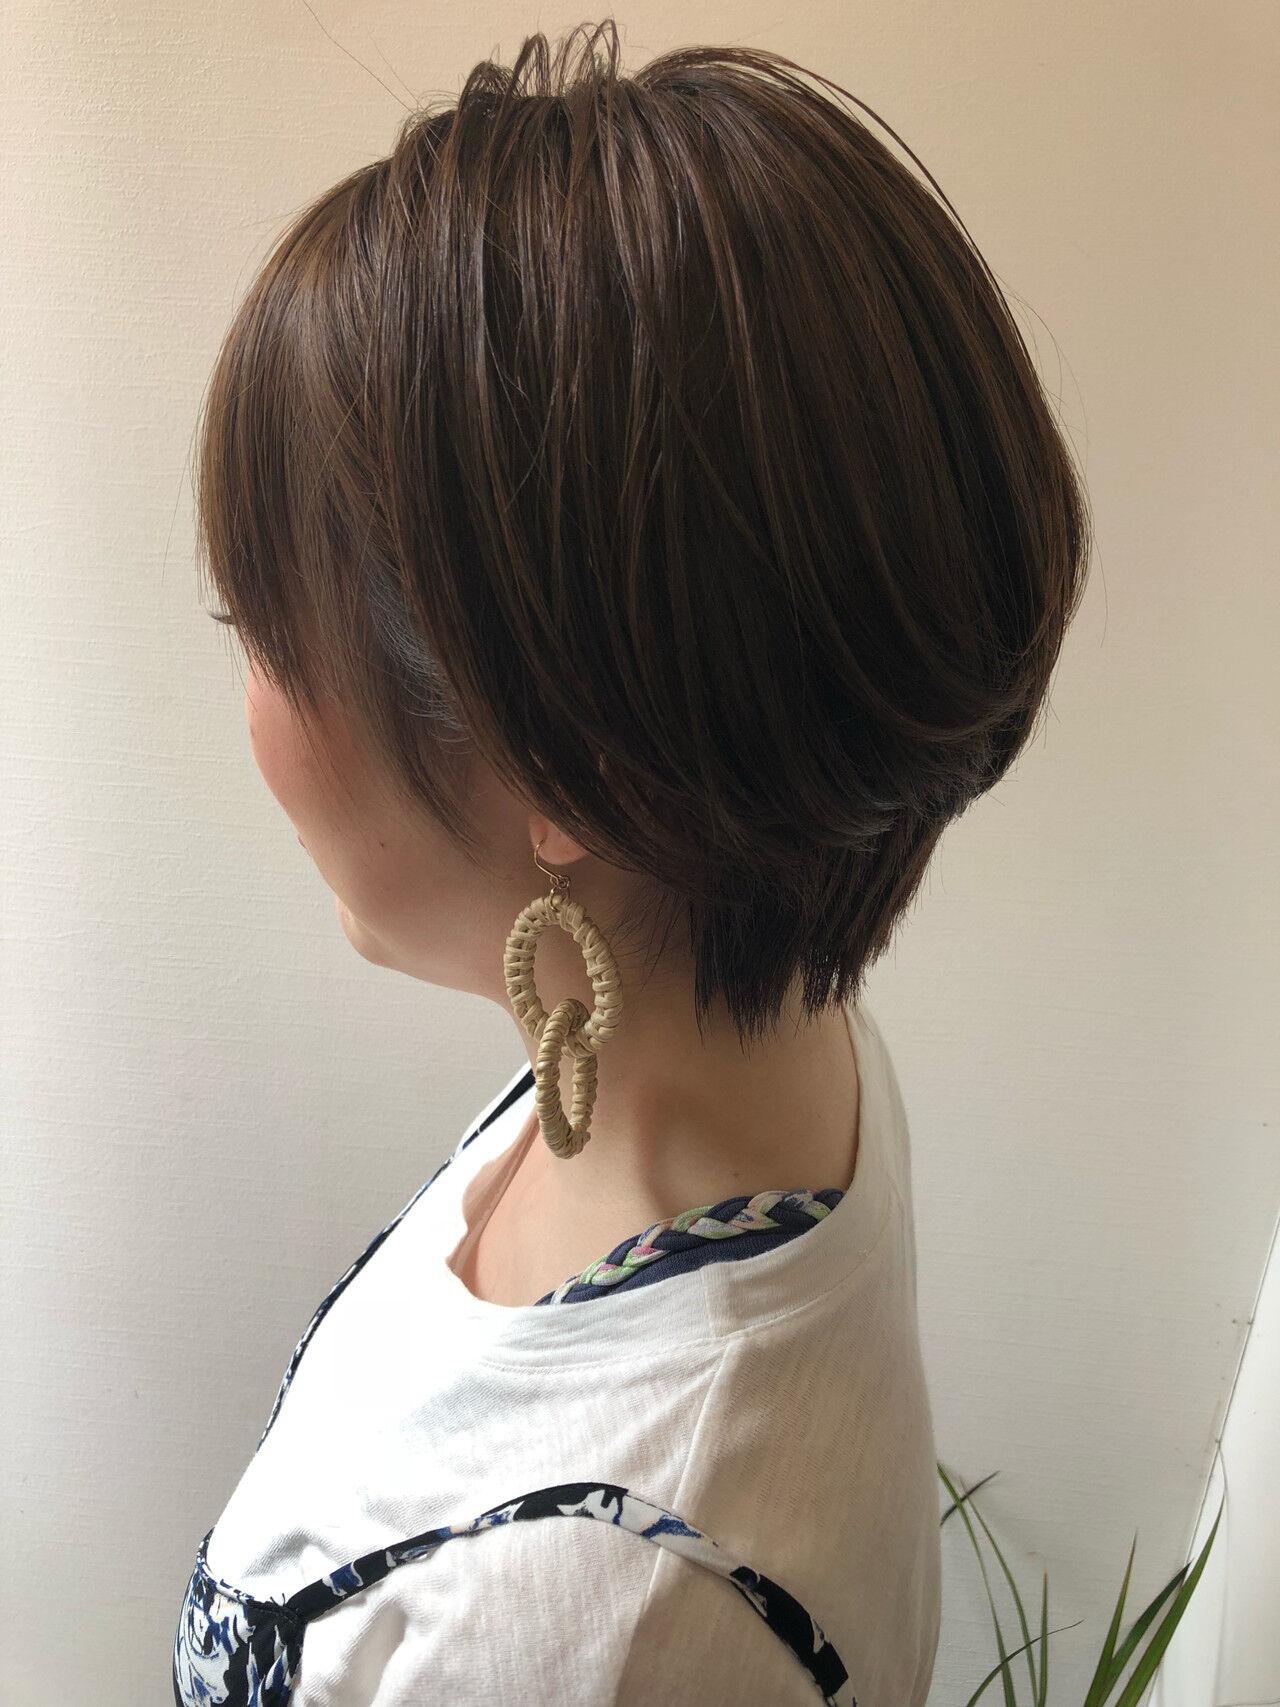 丸みショート ナチュラル ショートヘア 耳かけヘアスタイルや髪型の写真・画像